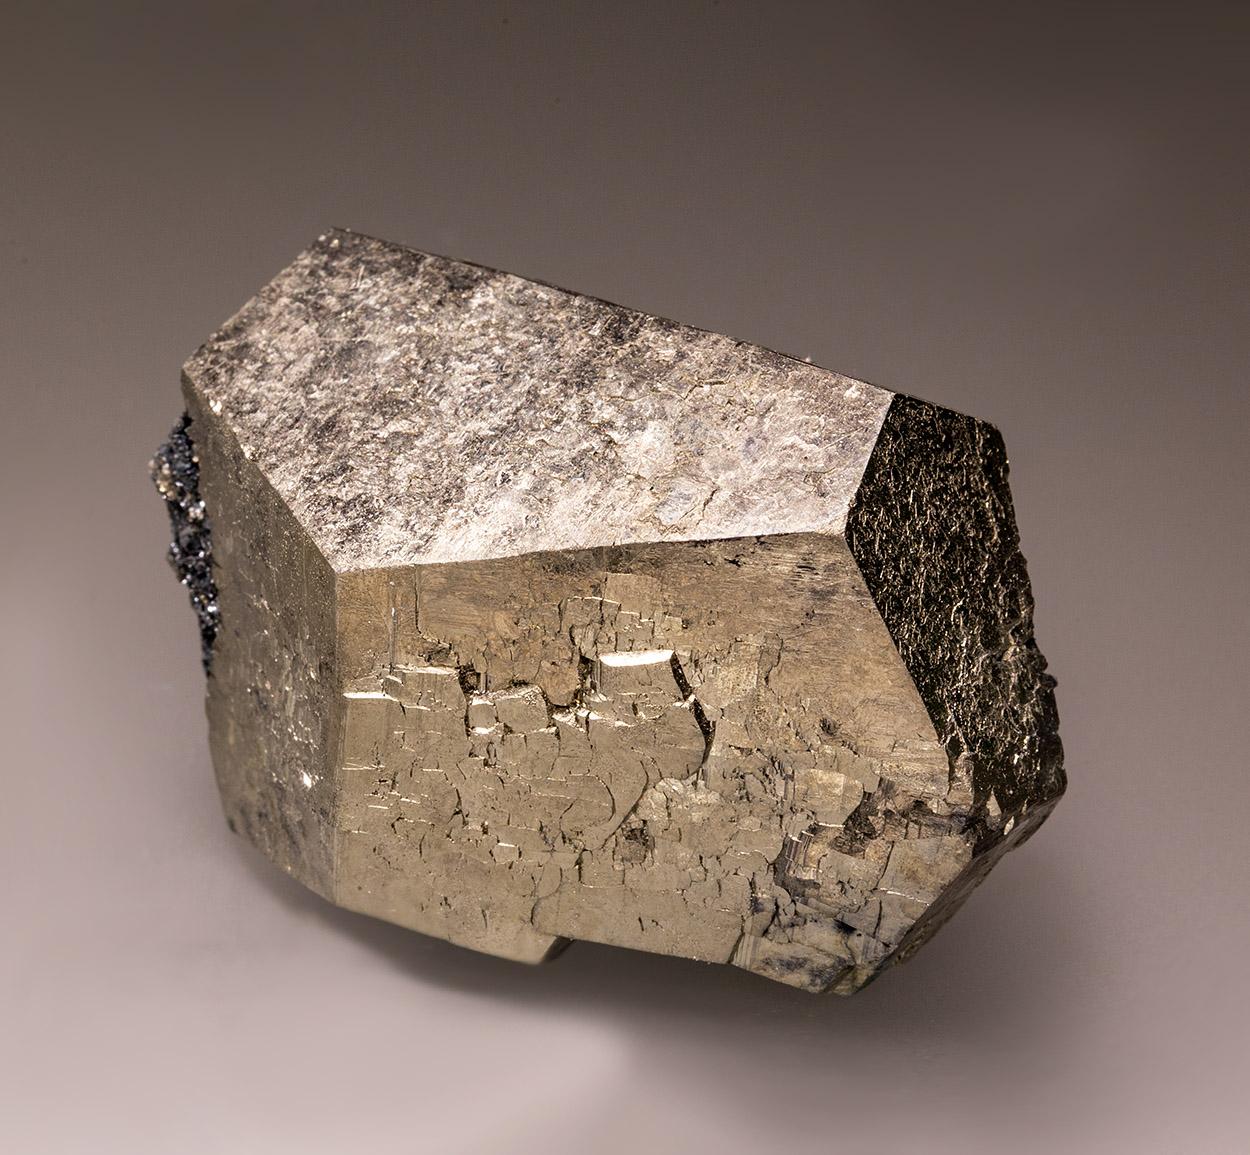 Pyrite & Specularite